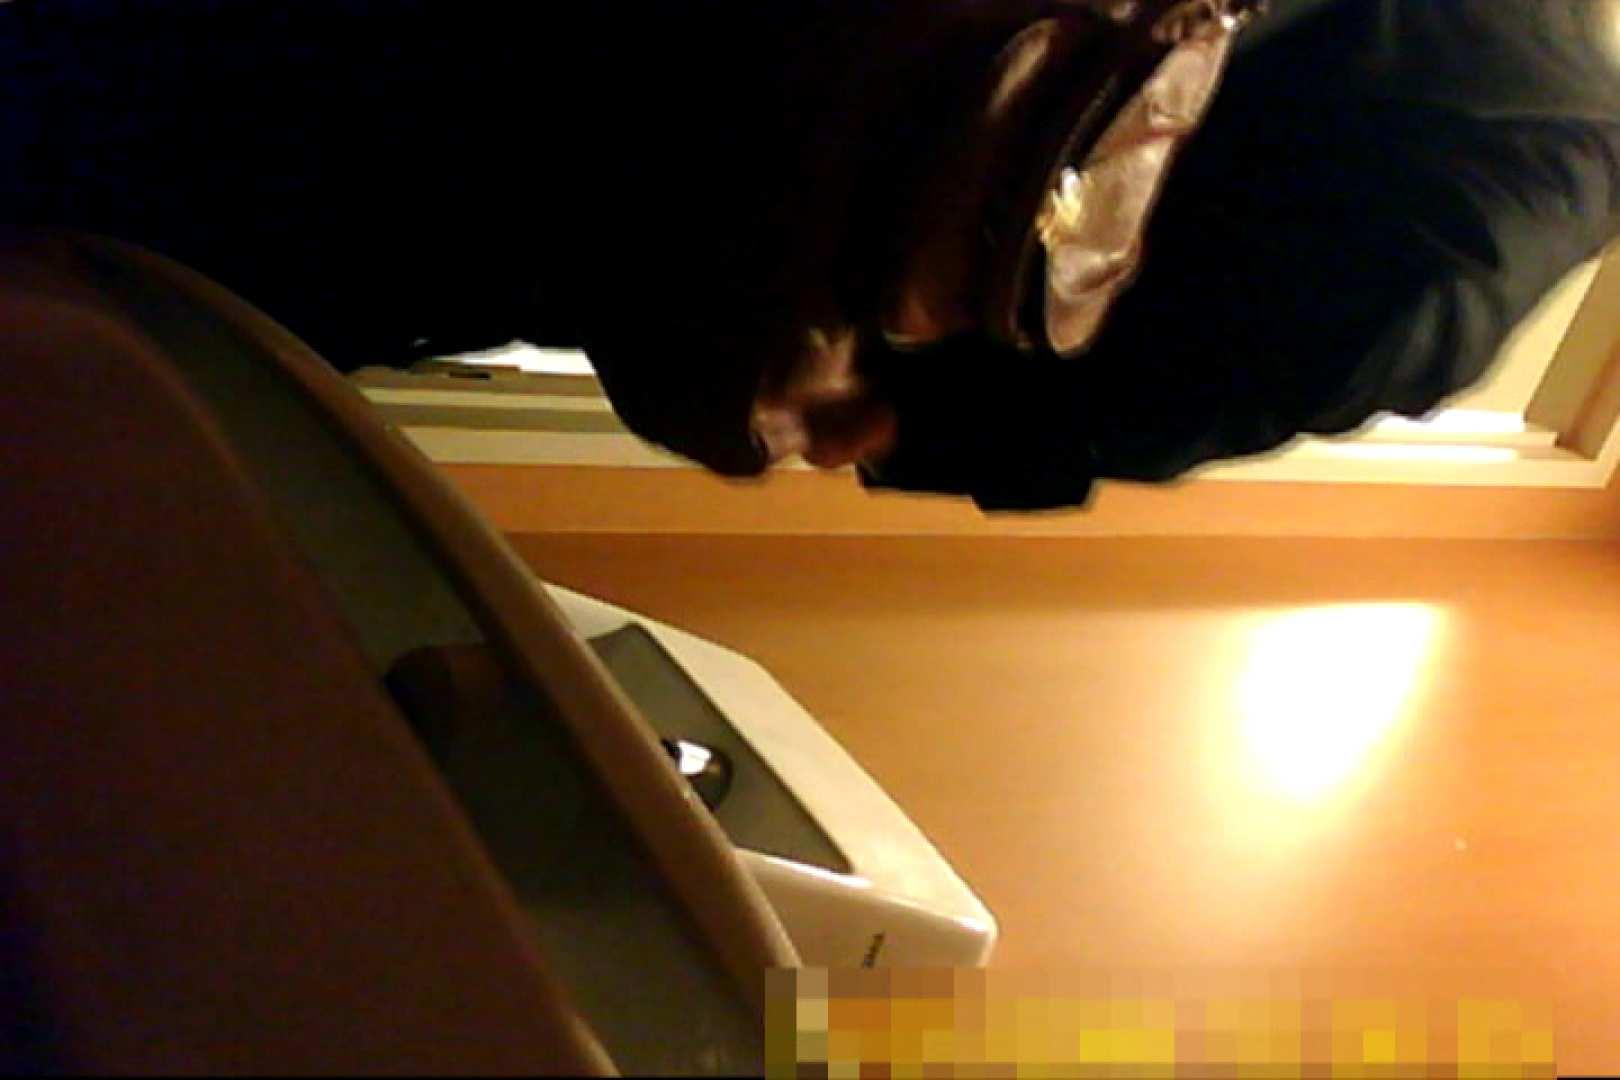 魅惑の化粧室~禁断のプライベート空間~28 お姉さんのエッチ すけべAV動画紹介 93pic 68